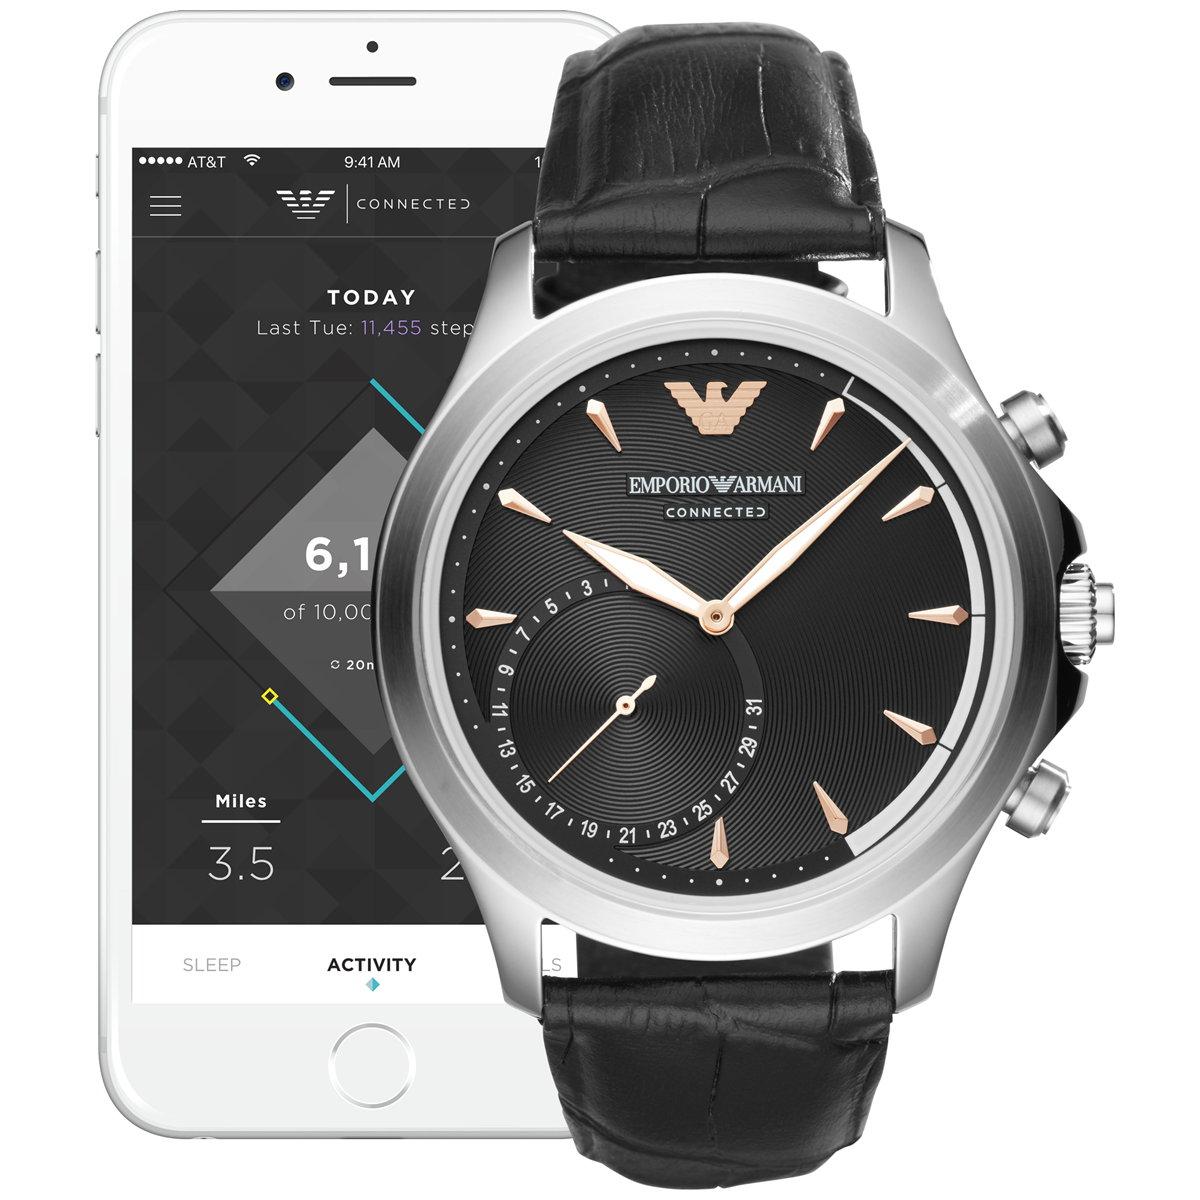 エンポリオアルマーニ EMPORIO ARMANI コネクテッド ハイブリッド スマートウォッチ ウェアラブル 腕時計 メンズ アルベルト ALBERTO HYBRID ART3013